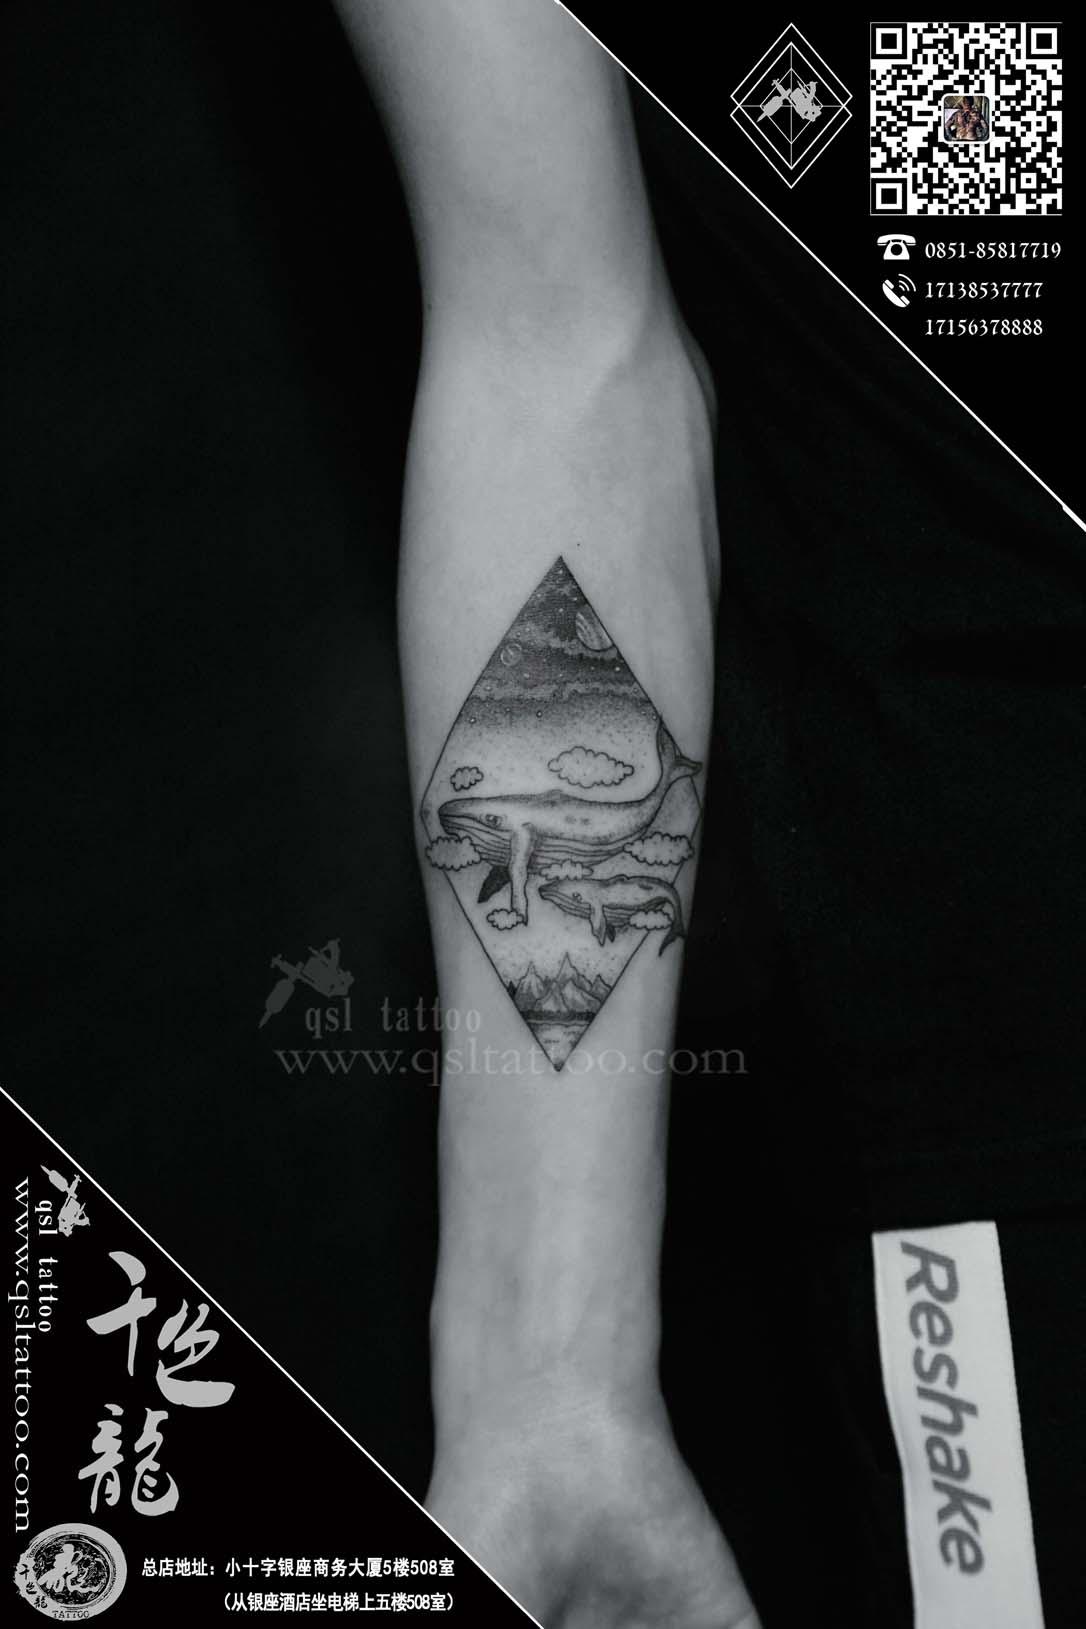 贵阳纹身设计